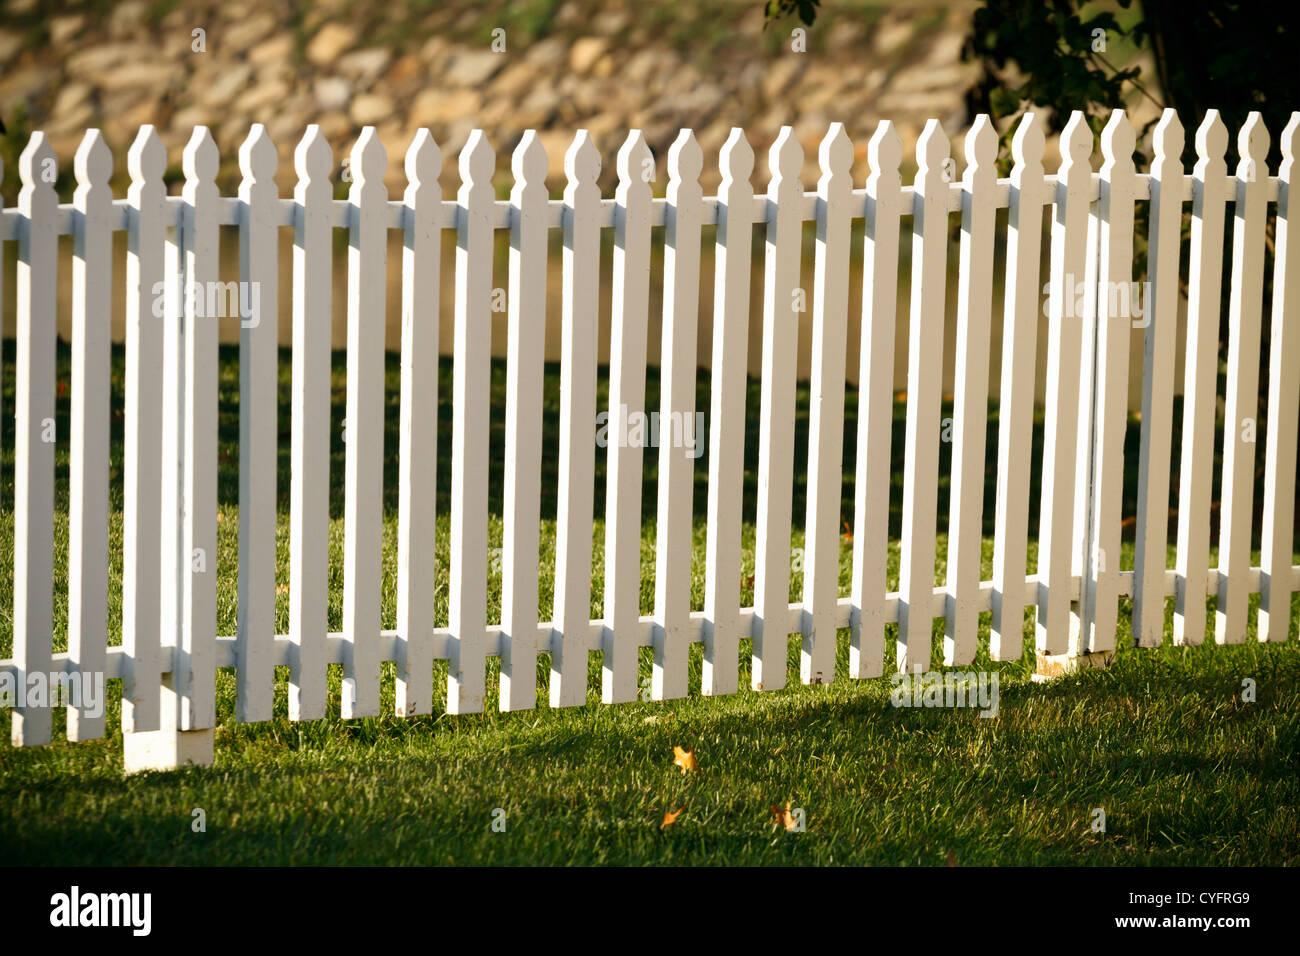 https www alamyimages fr photo image une cloture blanche en bois dans un jardin bien entretenu au cours de l heure d or du temps juste avant le coucher du soleil sur une premiere journee d automne 51364217 html